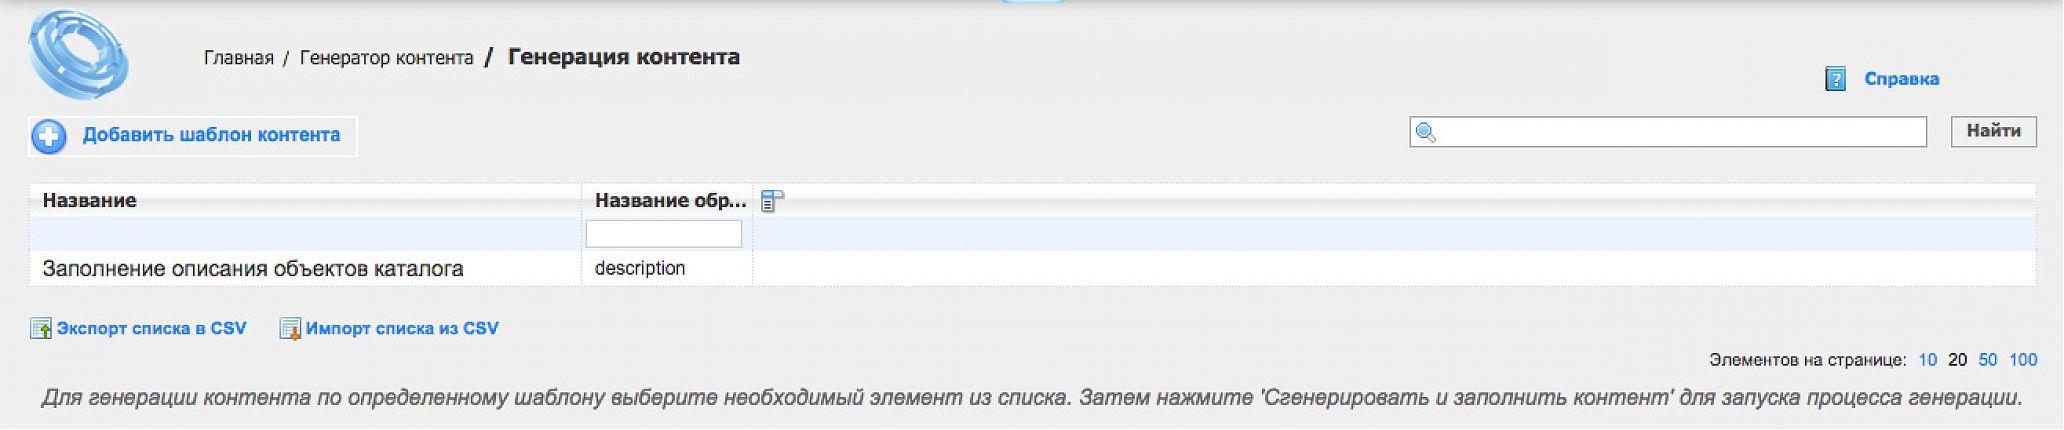 Новый модуль для интернет-магазинов на UMI.CMS генератор контента